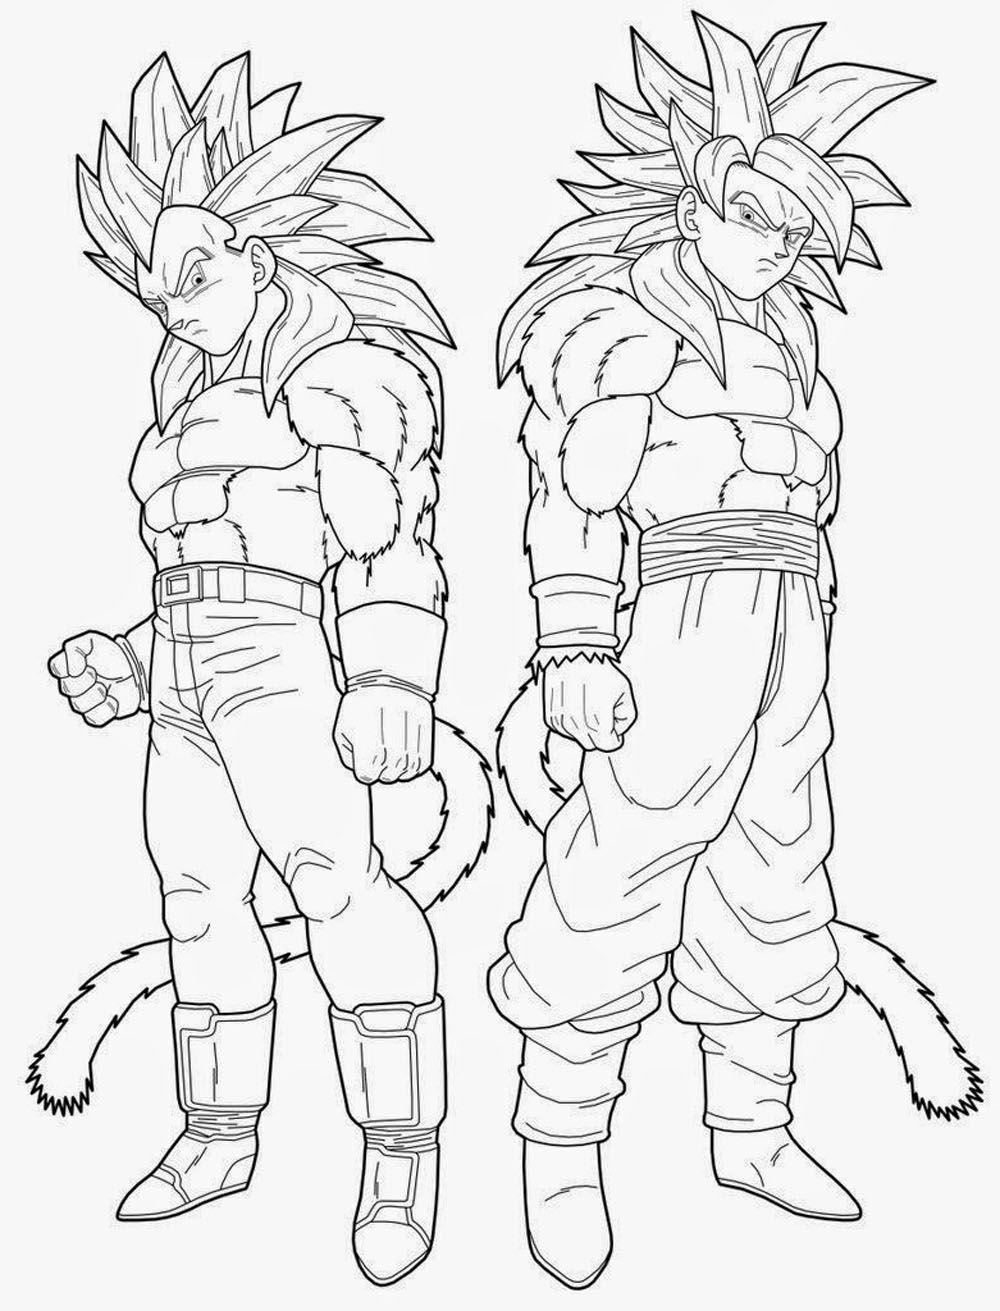 Dibujo De Goku Y Vegeta Fase 4 De Drago Dibujo De Goku Dibujos